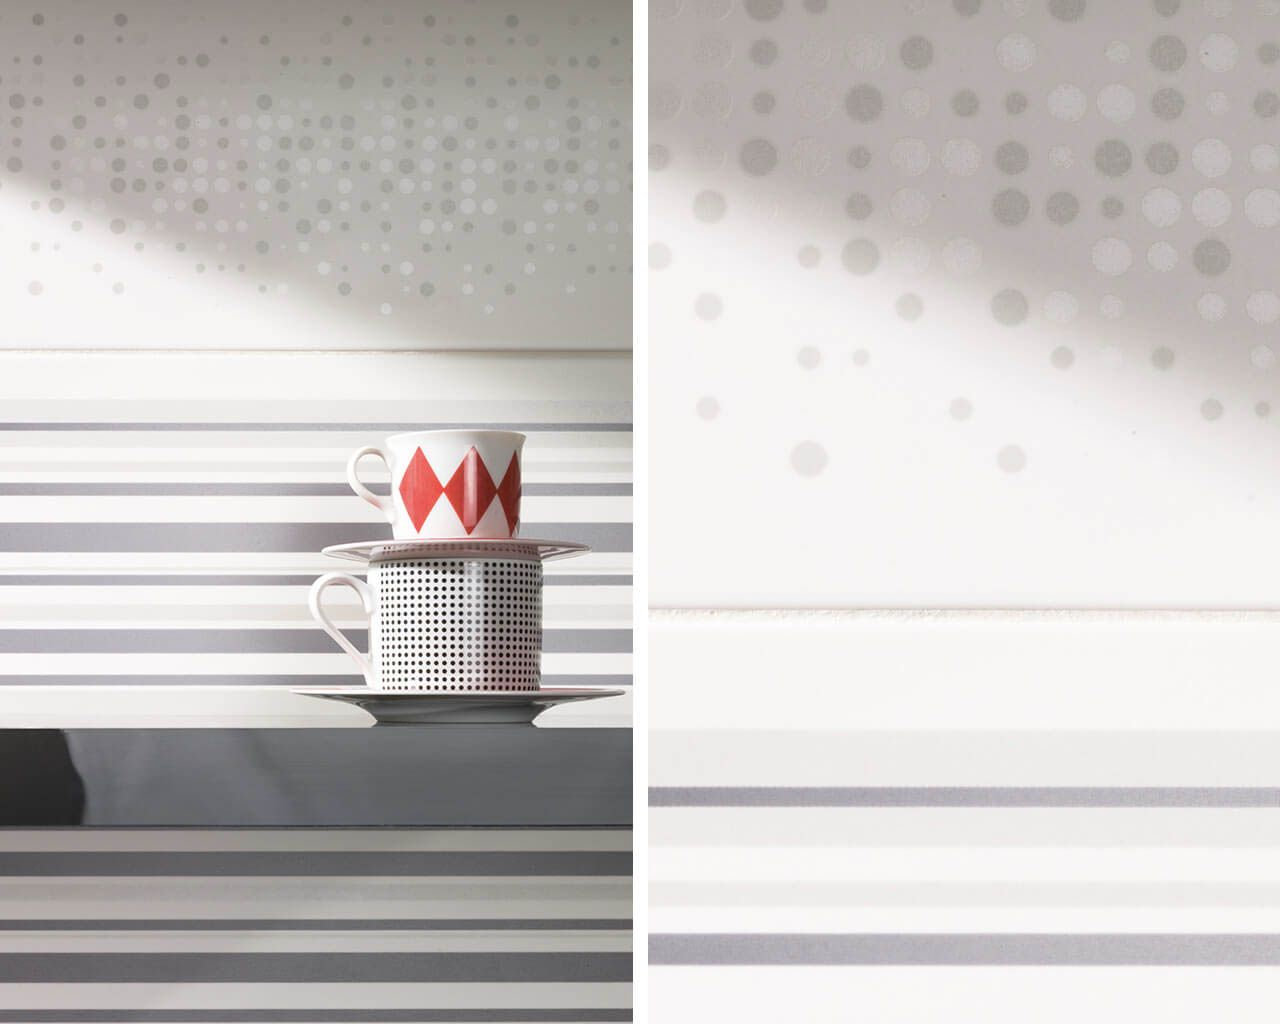 Minimalistische Kuche In Grautonungen Ceramika Paradyz